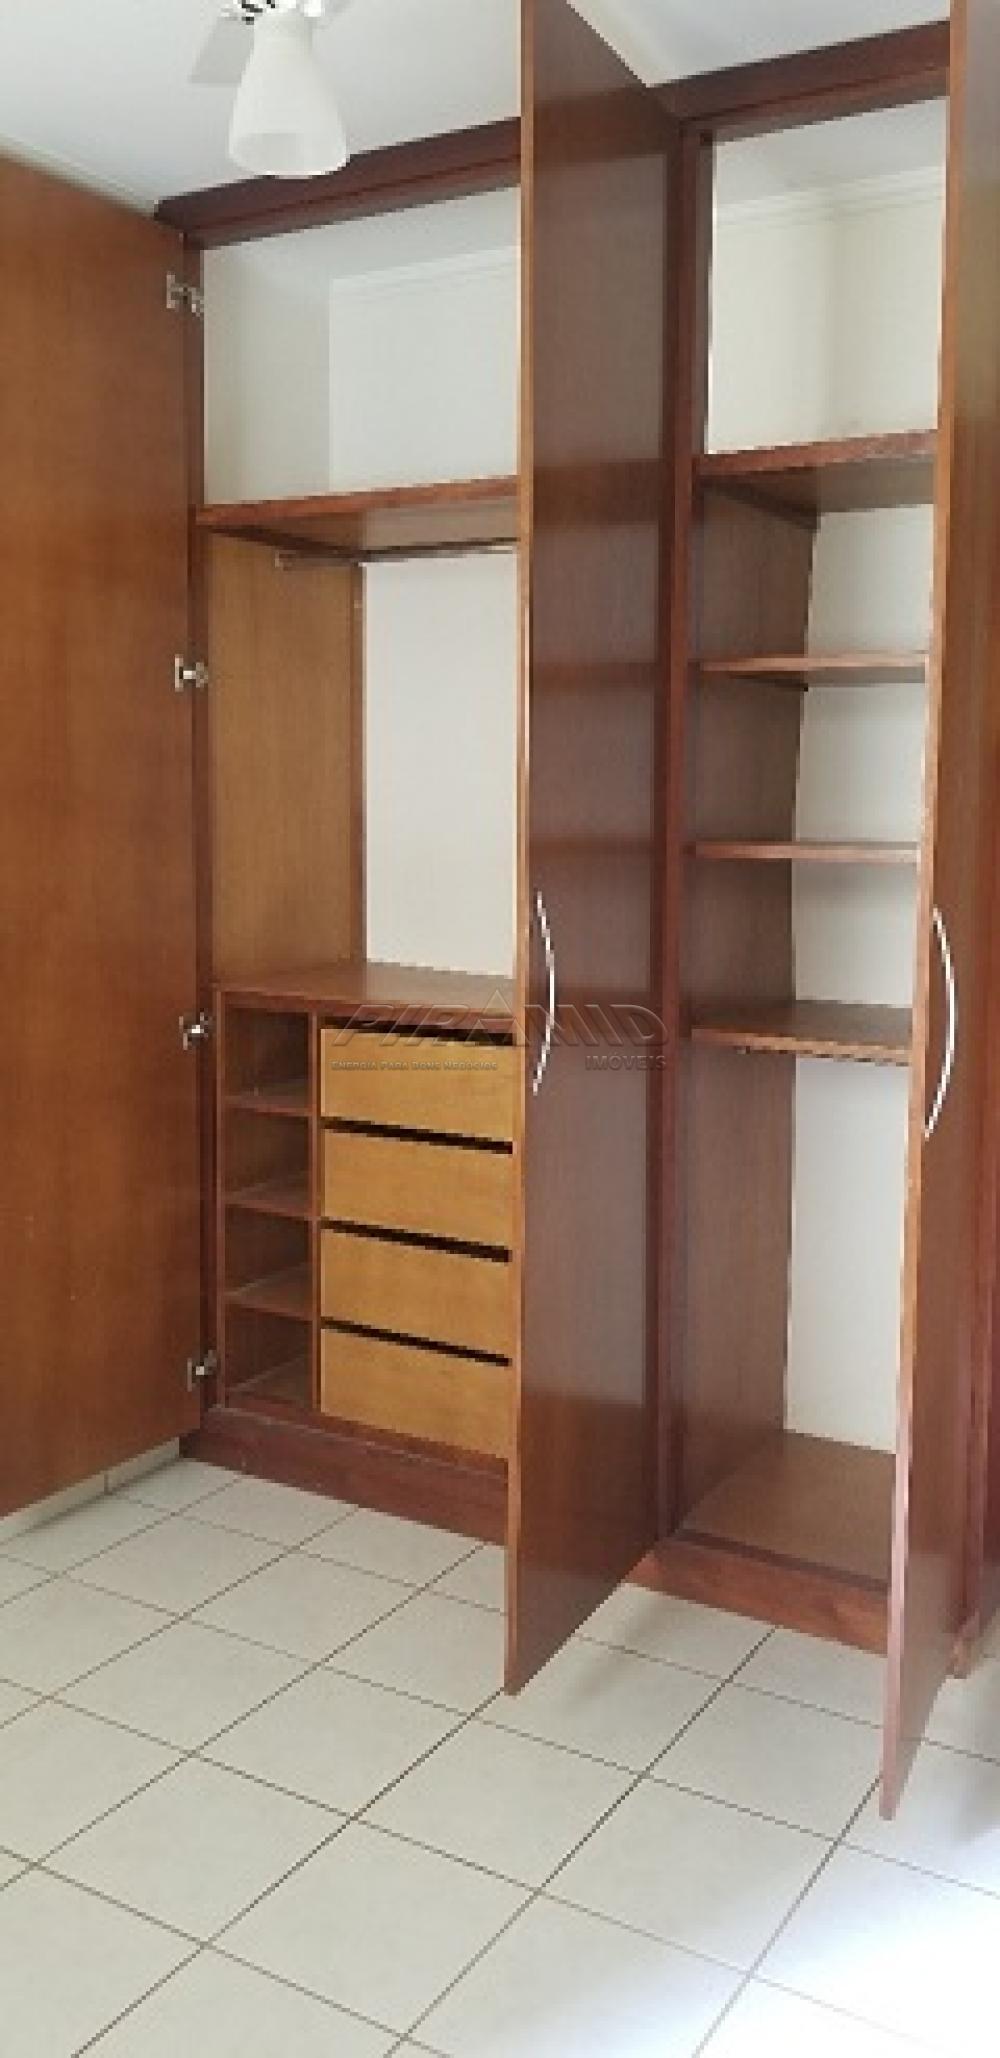 Alugar Apartamento / Padrão em Ribeirão Preto apenas R$ 600,00 - Foto 17